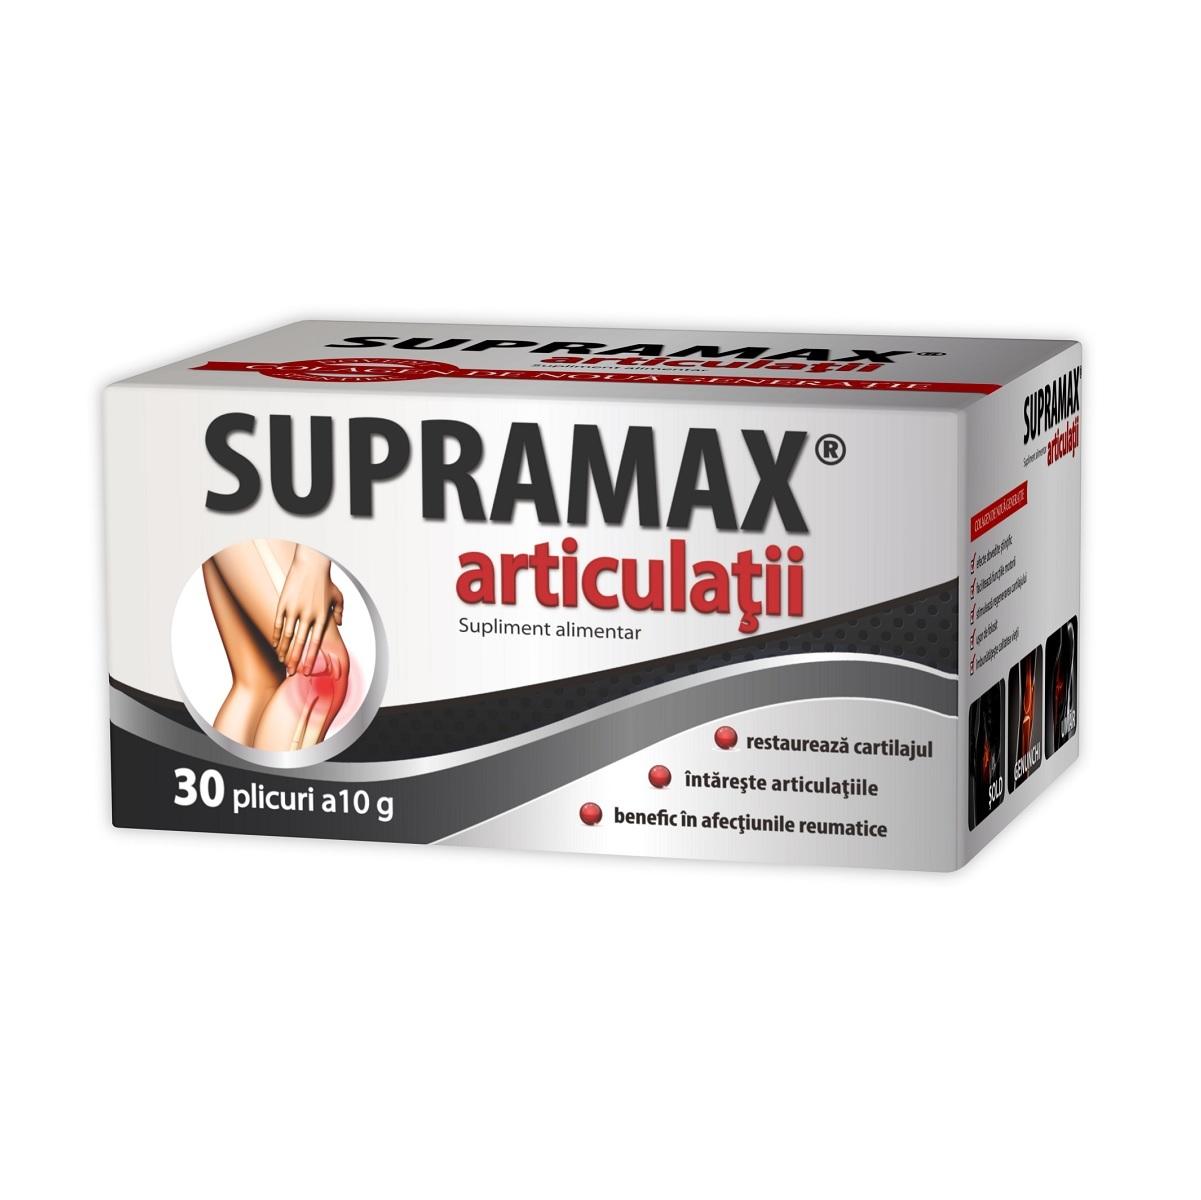 medicament pt articulatii